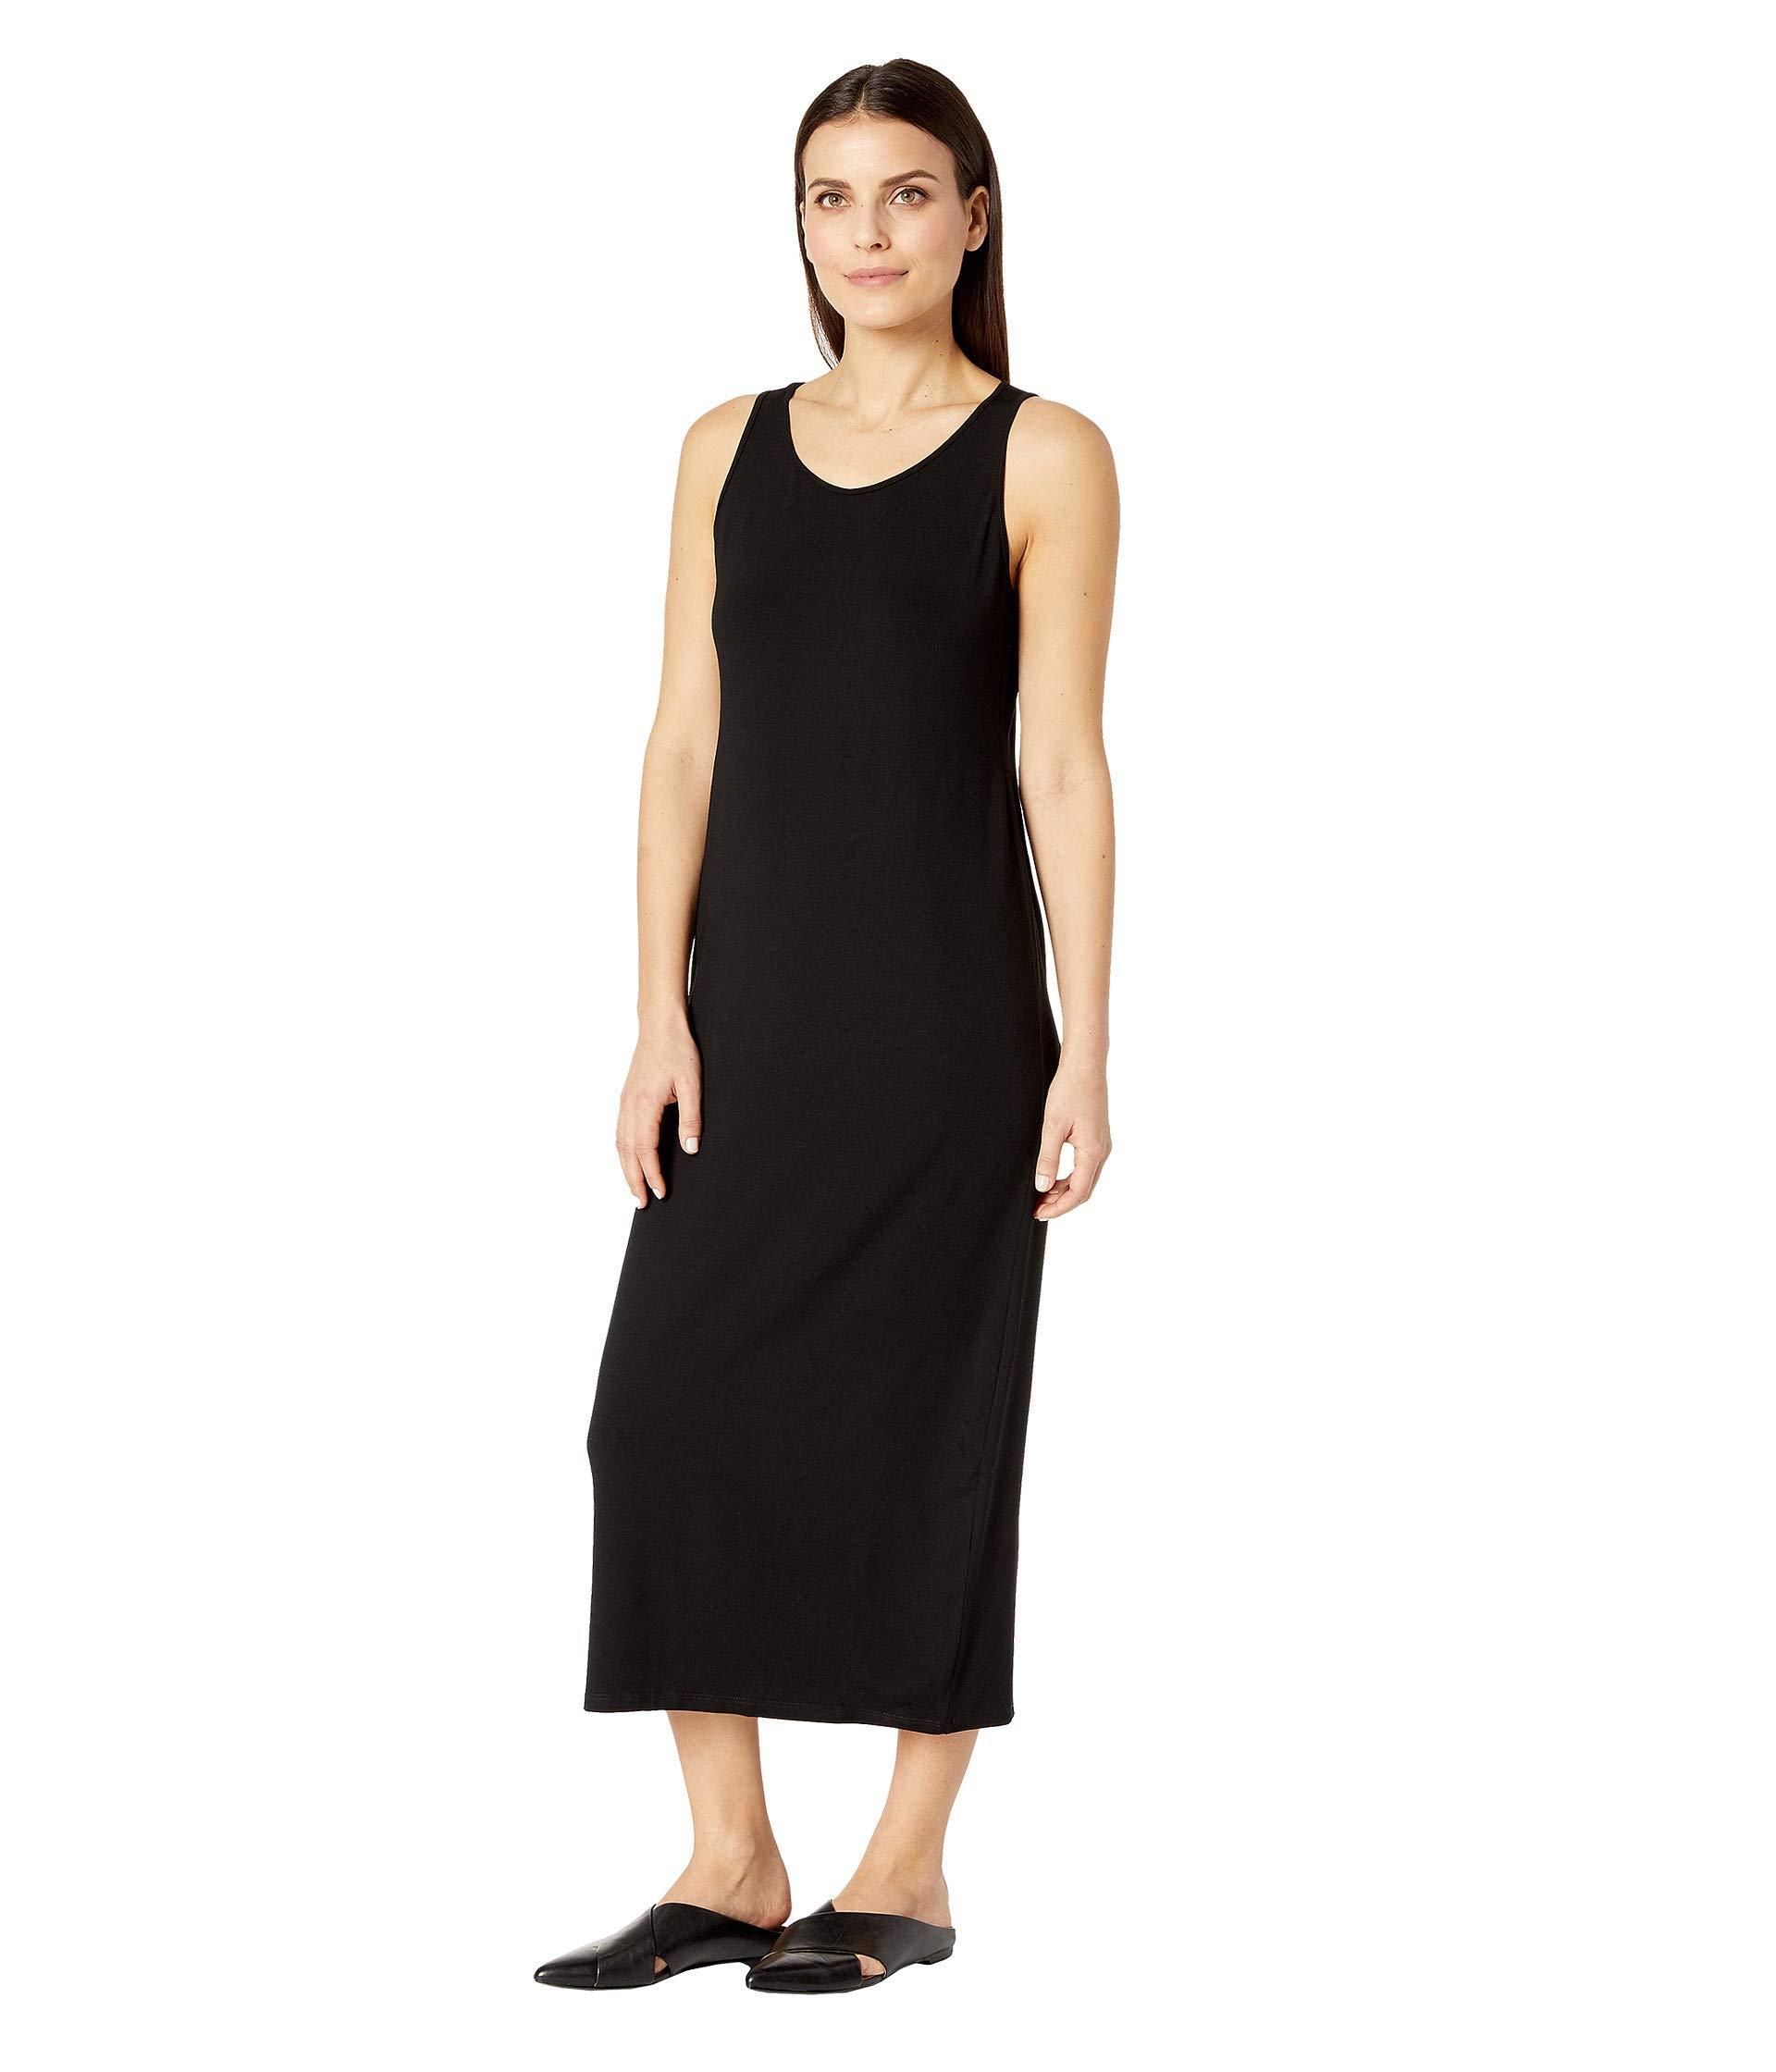 c75d031d8f00ba Lyst - Eileen Fisher Petite Viscose Jersey Scoop Neck Dress (black) Women s  Dress in Black